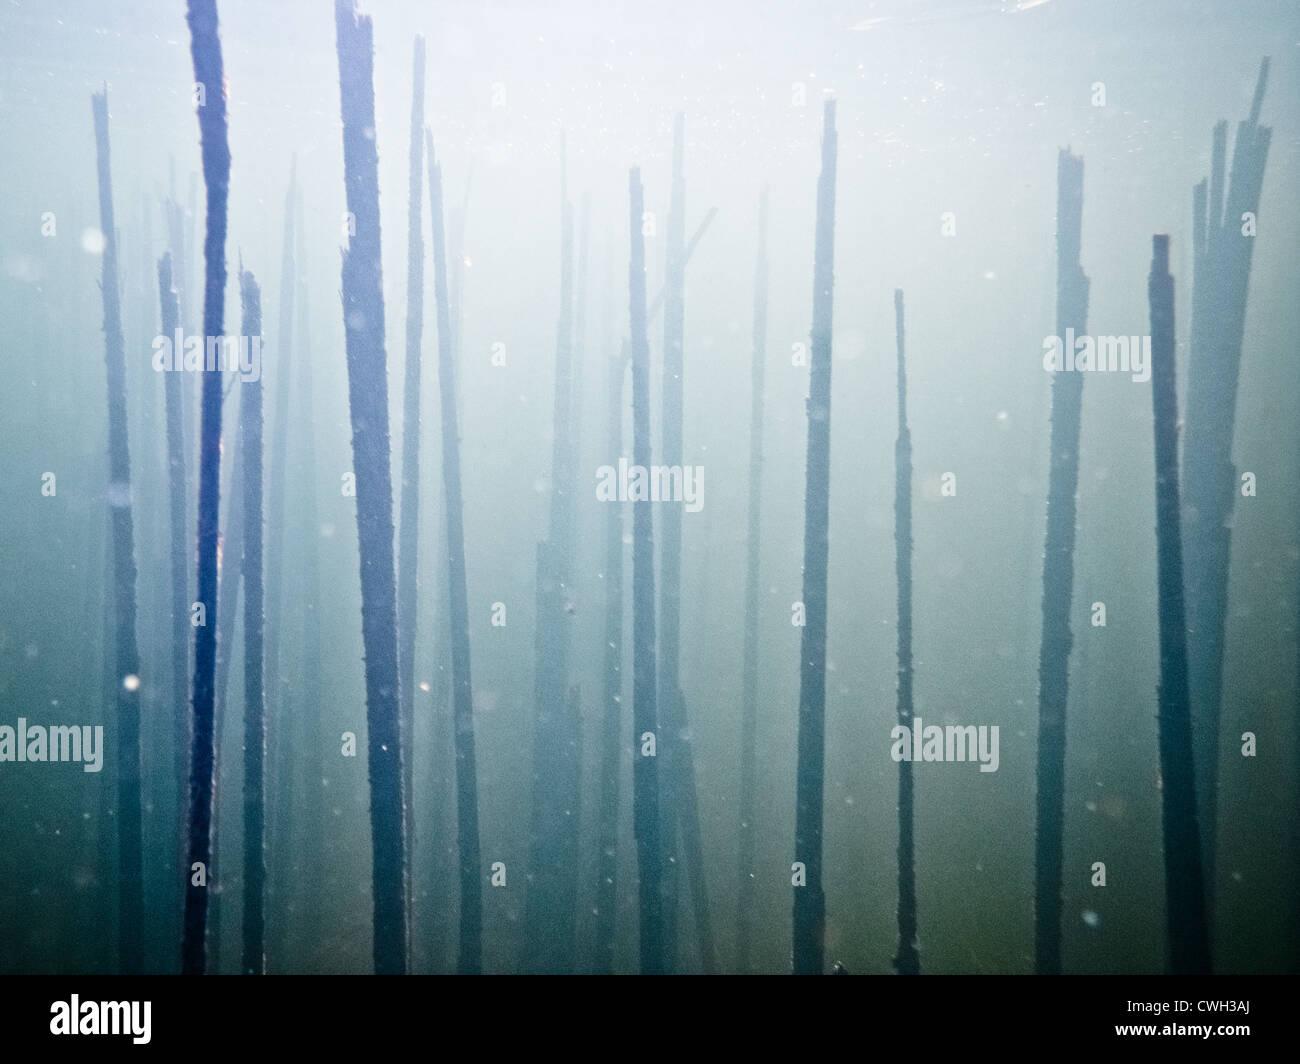 Sott'acqua,mondo subacqueo,abstract,misterioso Foto Stock